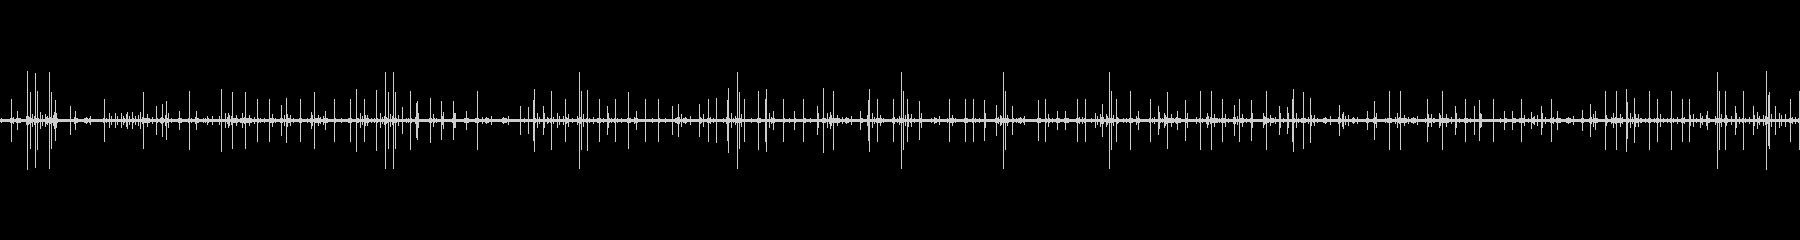 レコードノイズ Lofi ヴァイナル07の未再生の波形